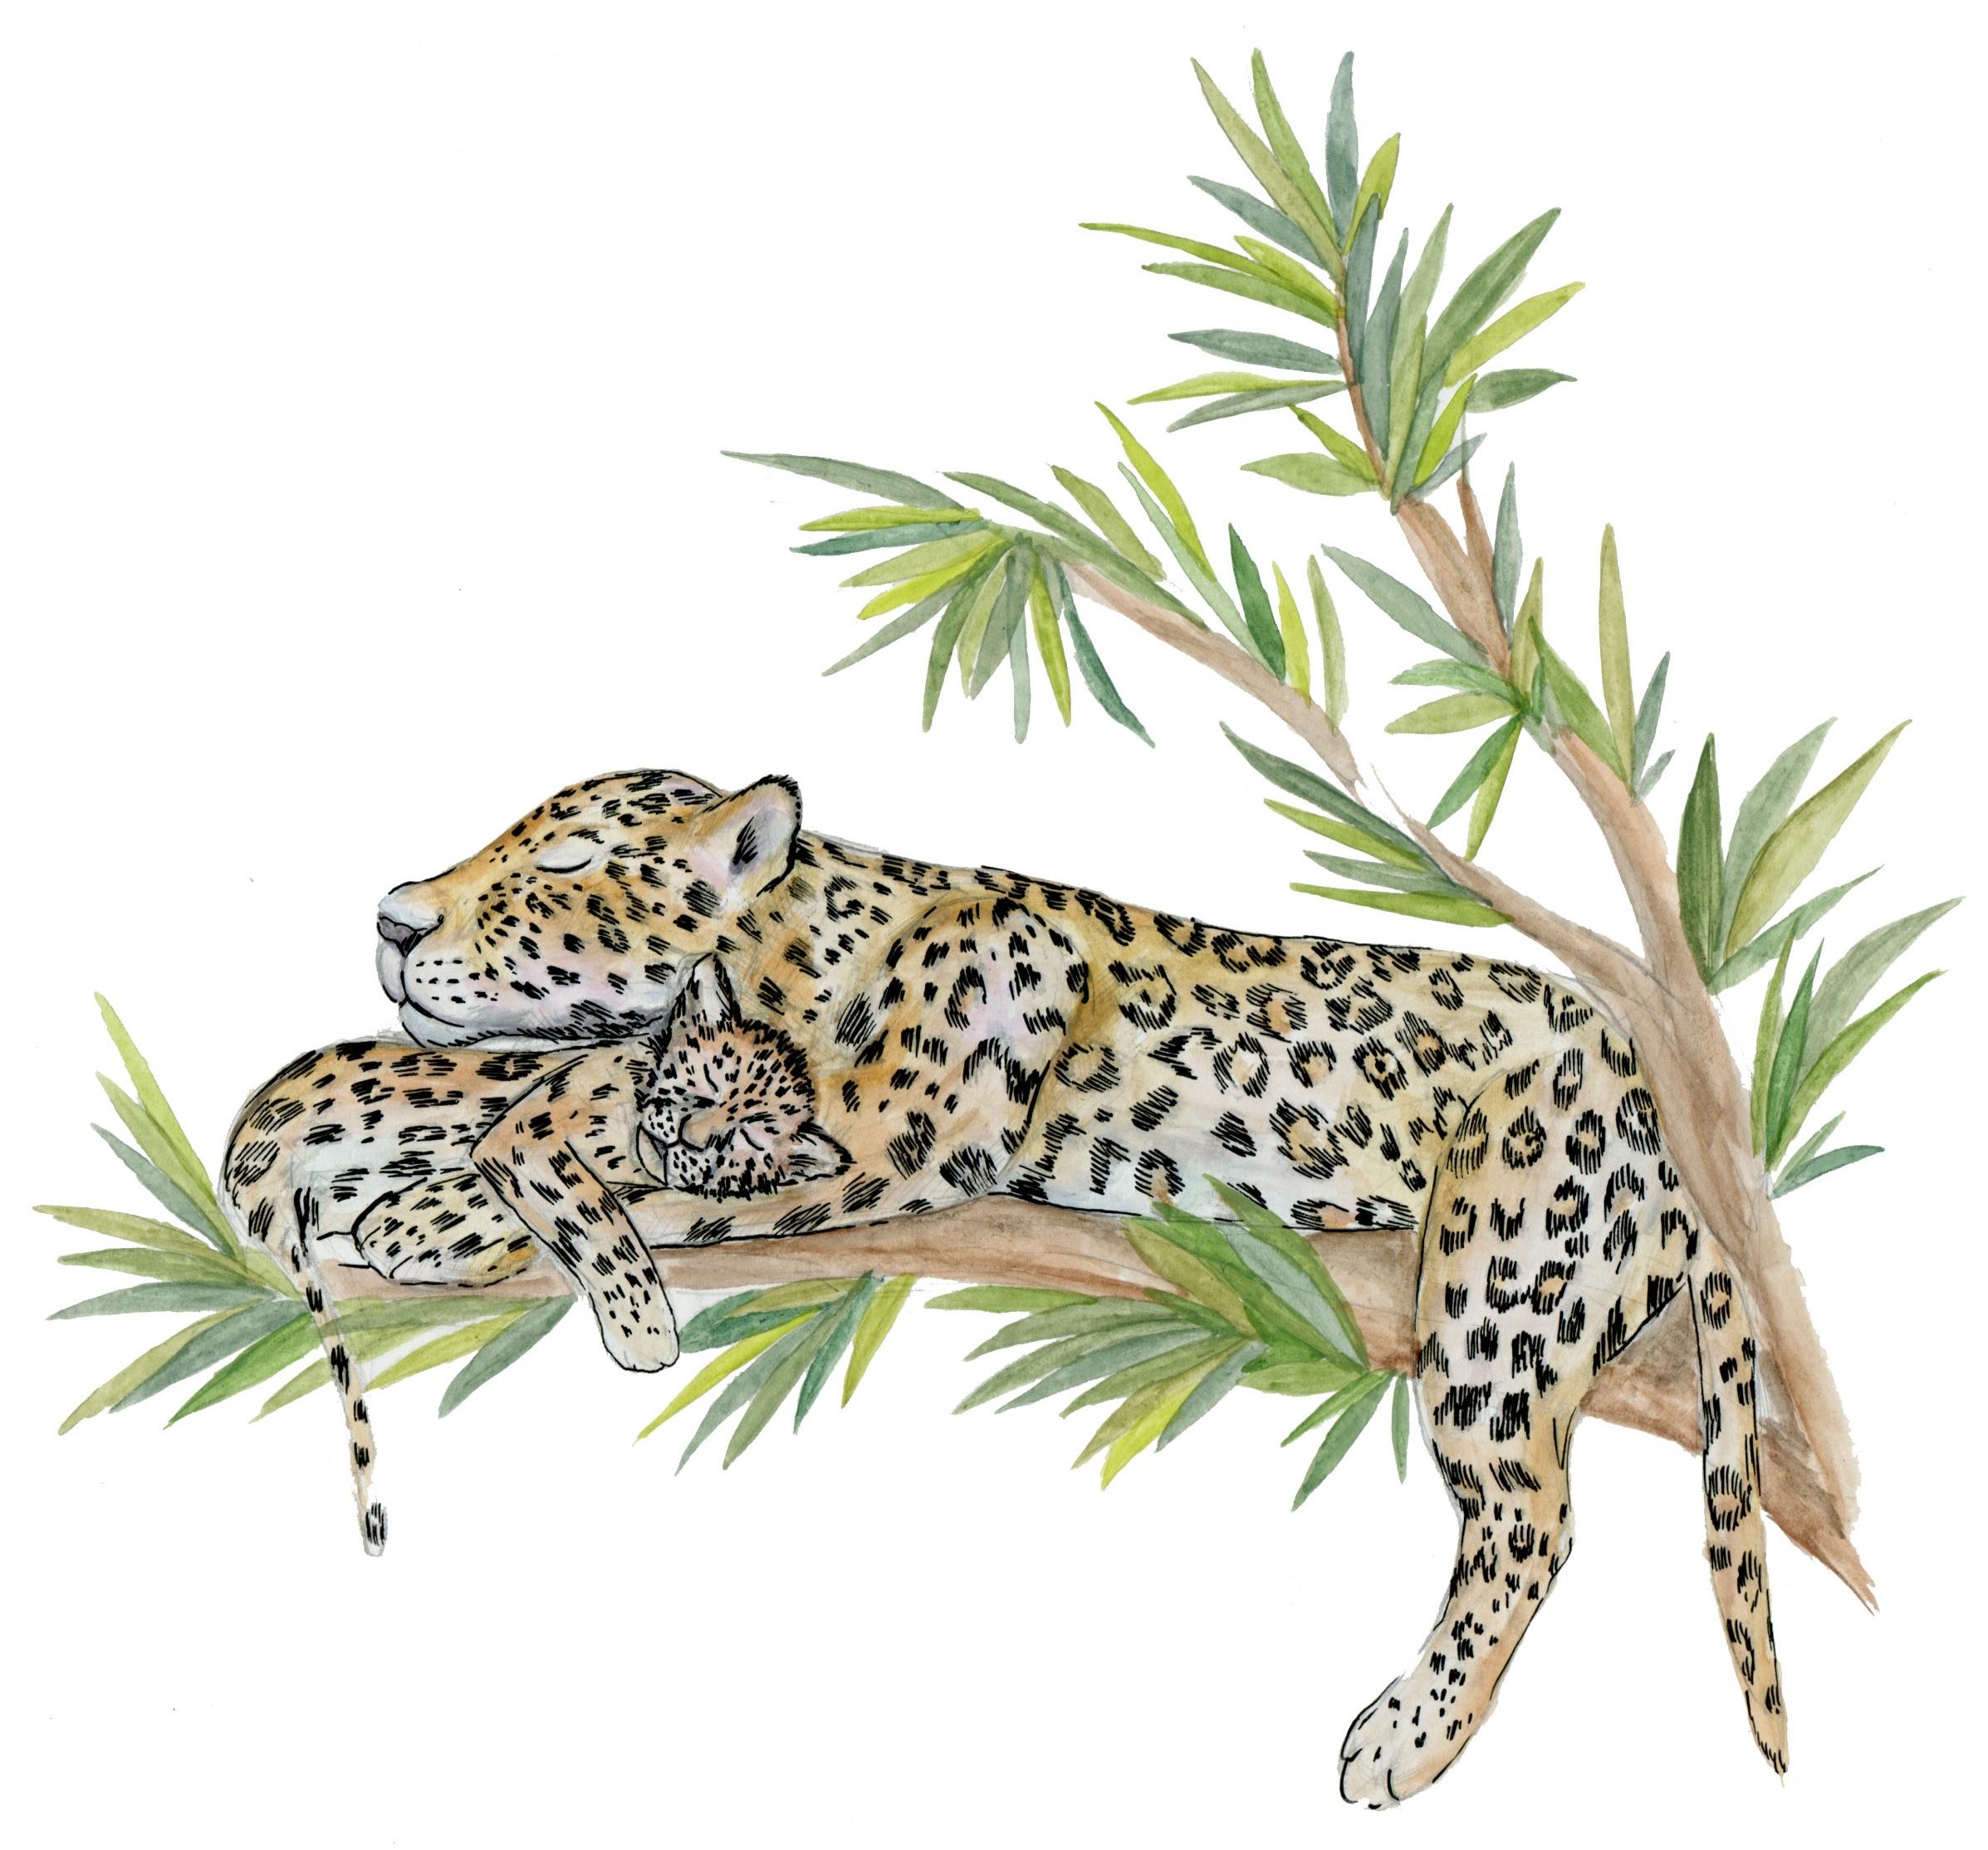 jaguar009.jpg